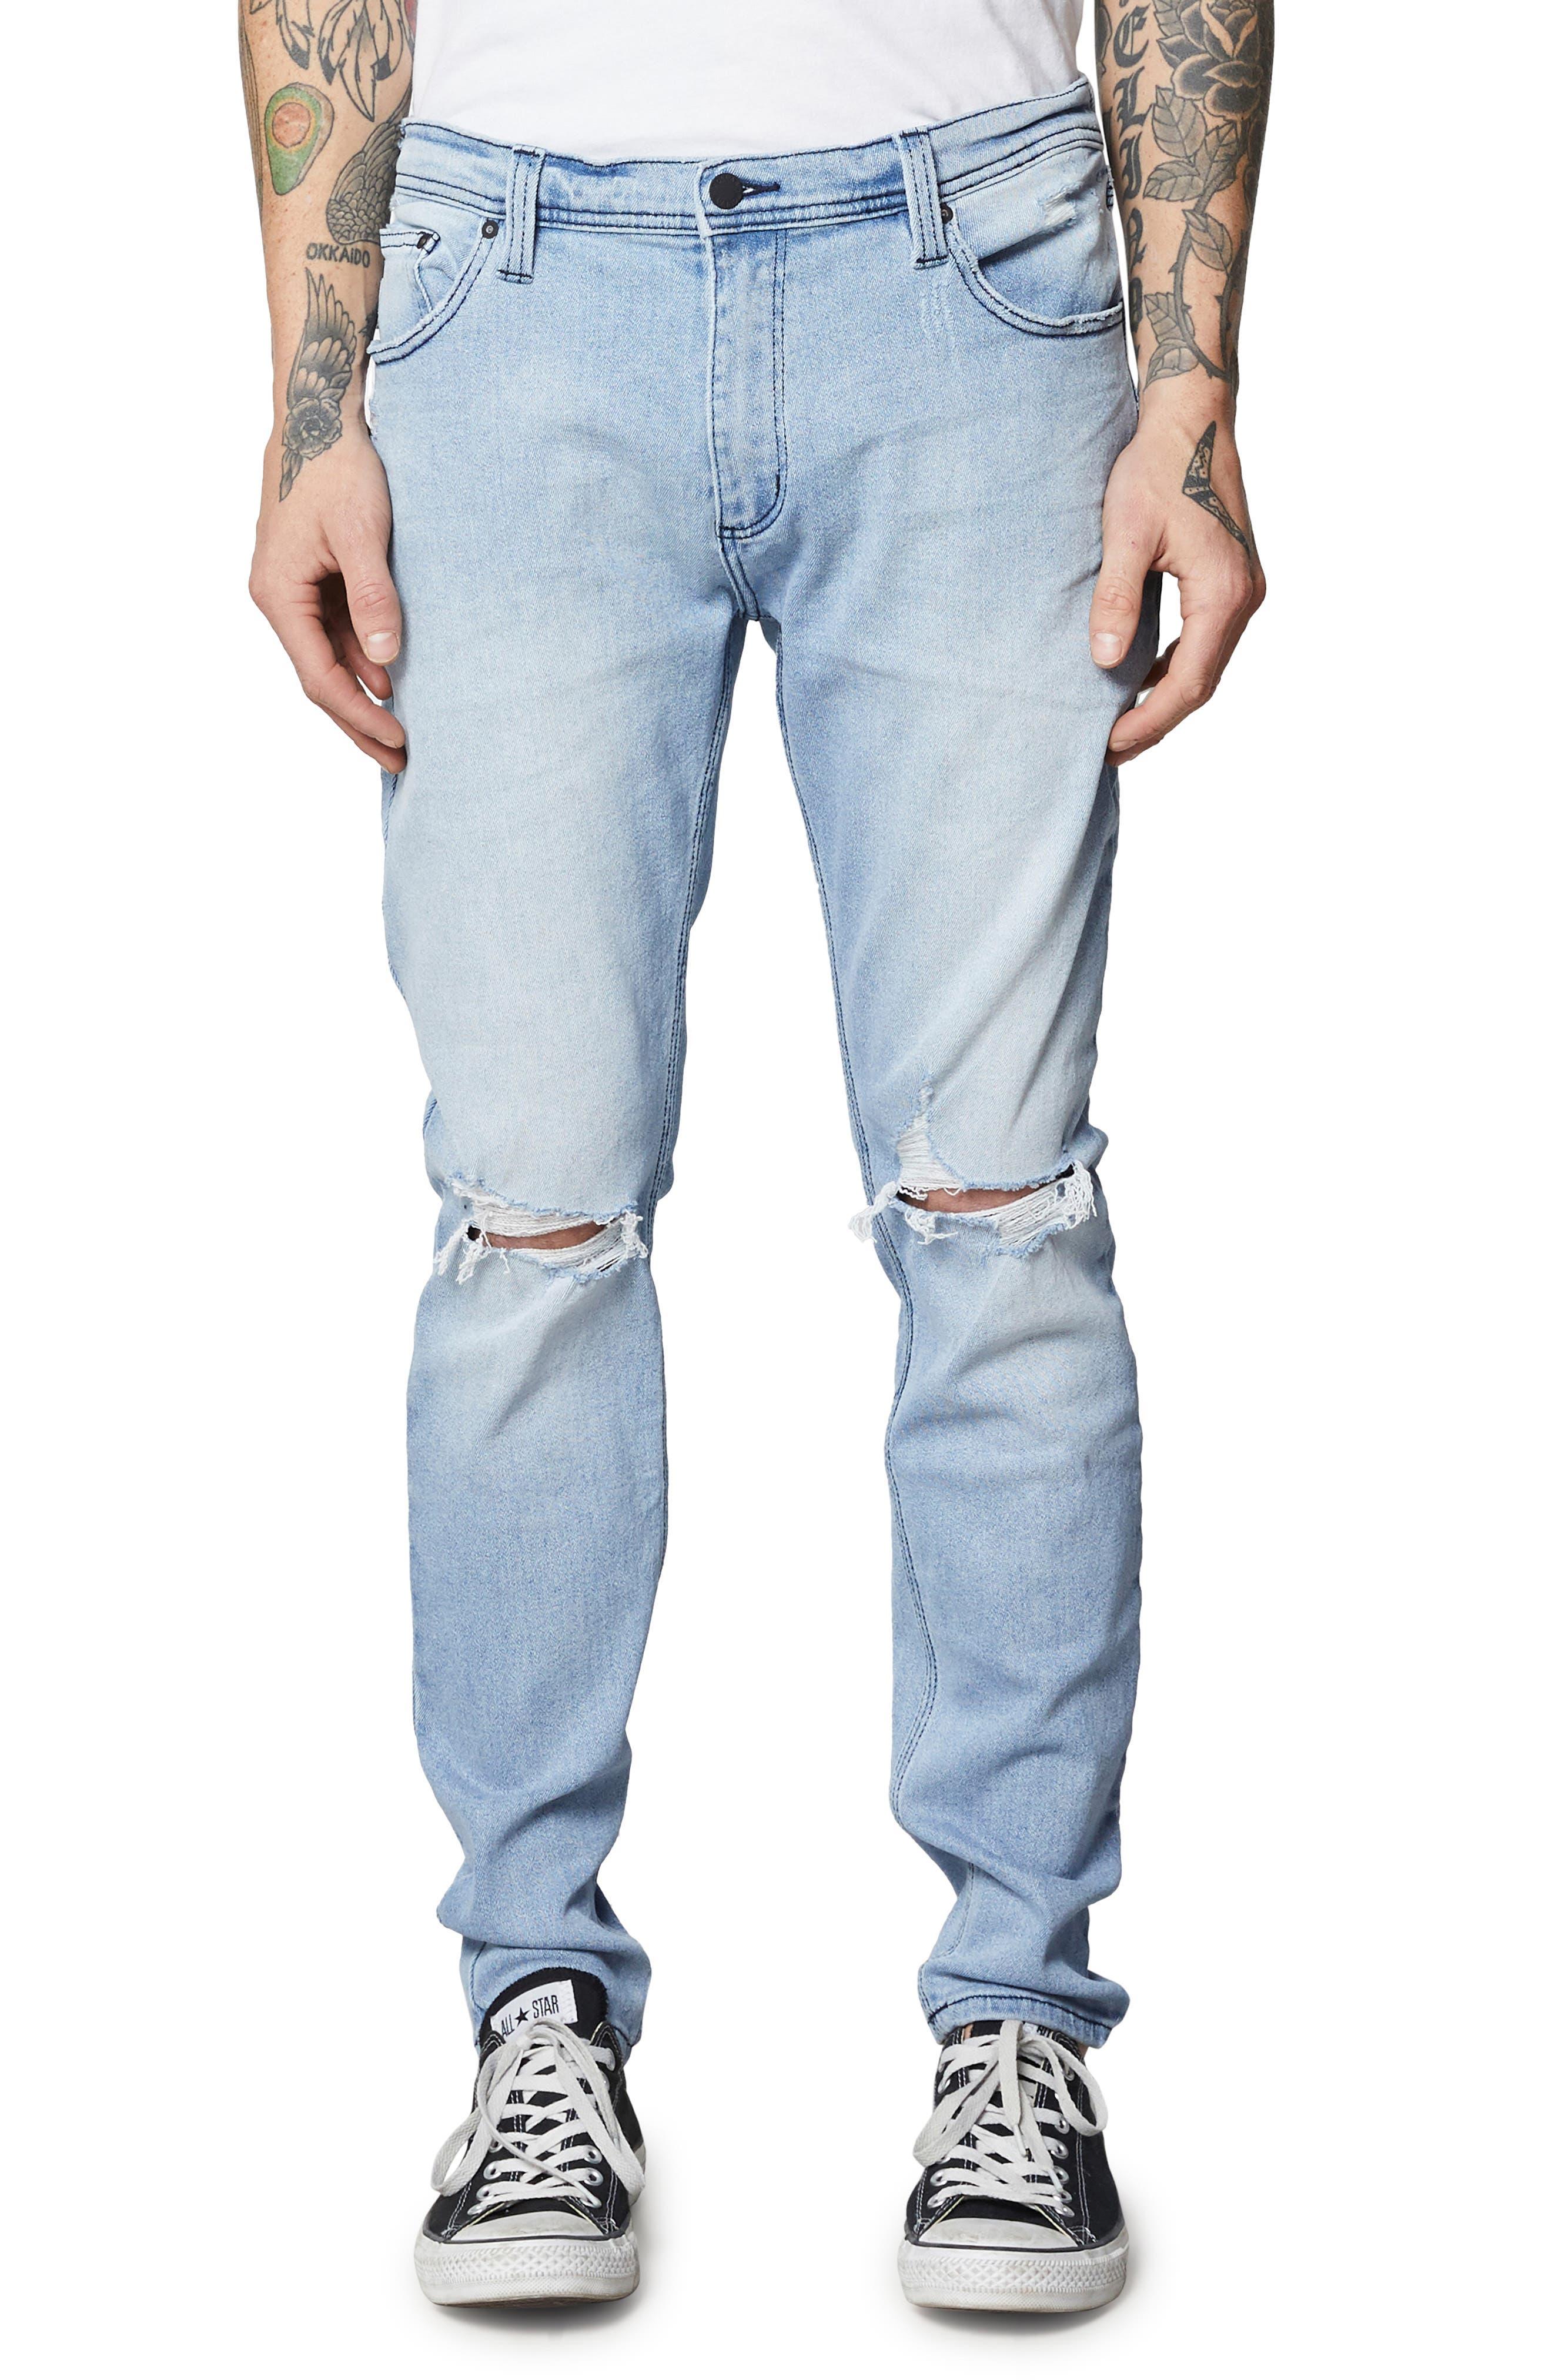 Stinger Skinny Fit Jeans,                         Main,                         color, SUNNY BOY BLUE